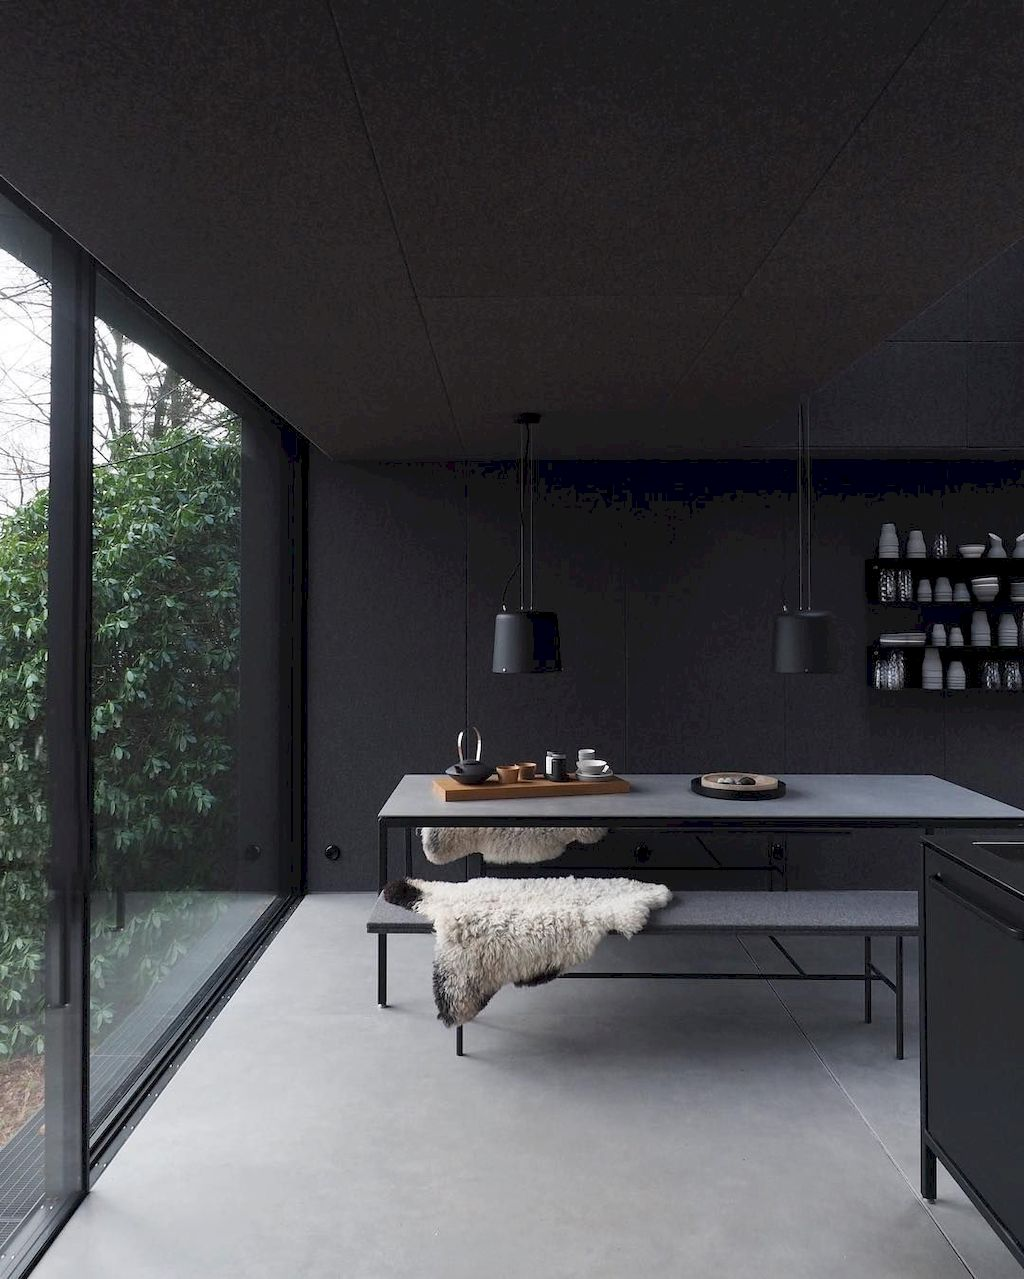 Minimalist Kitchen201